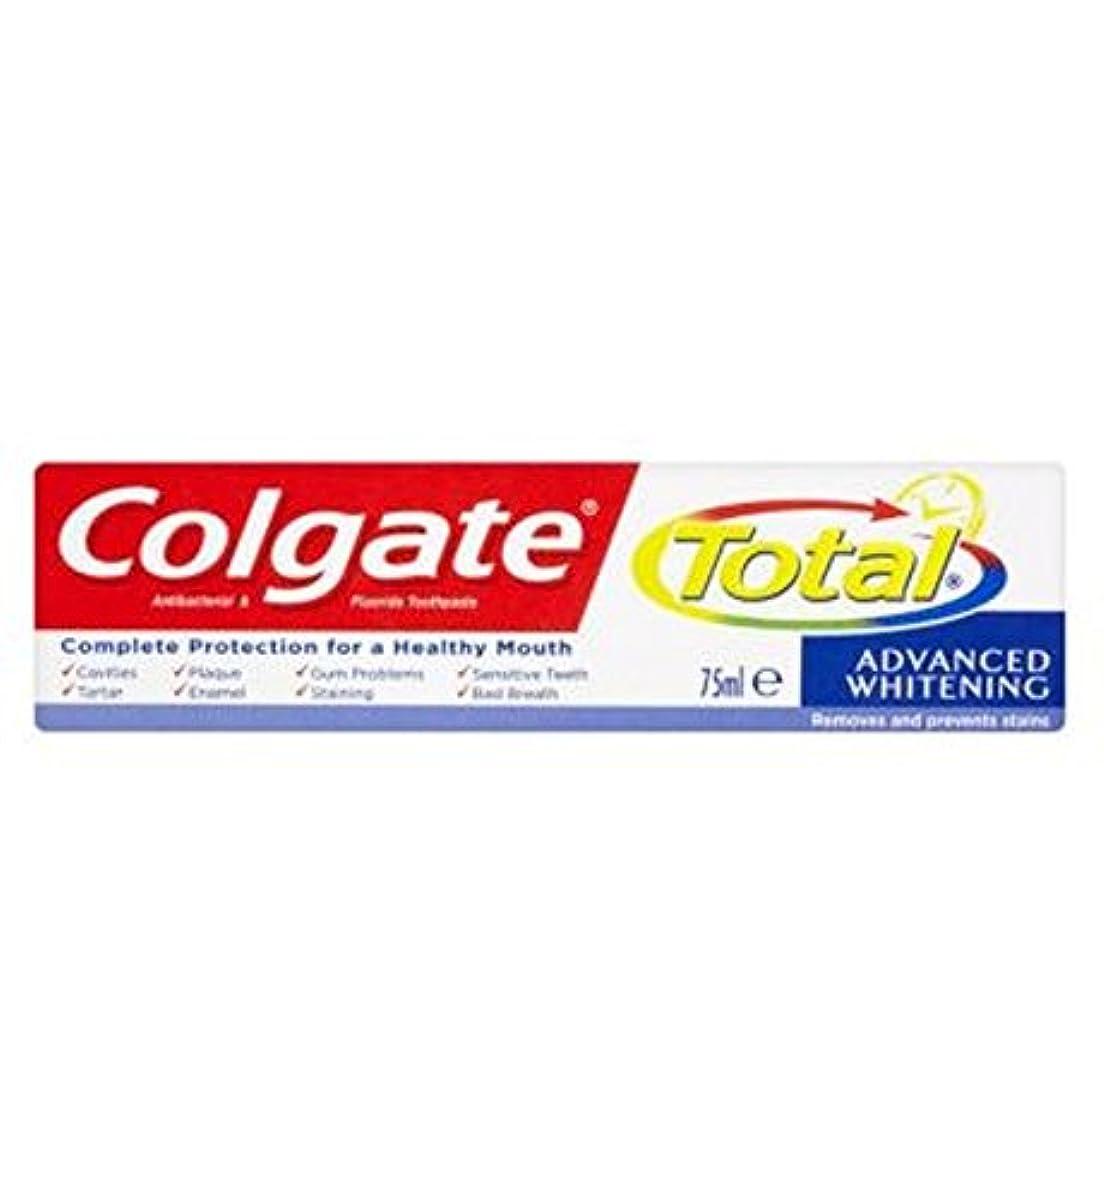 批評ハード真空コルゲートトータル高度なホワイトニング歯磨き粉75ミリリットル (Colgate) (x2) - Colgate Total Advanced Whitening toothpaste 75ml (Pack of 2)...